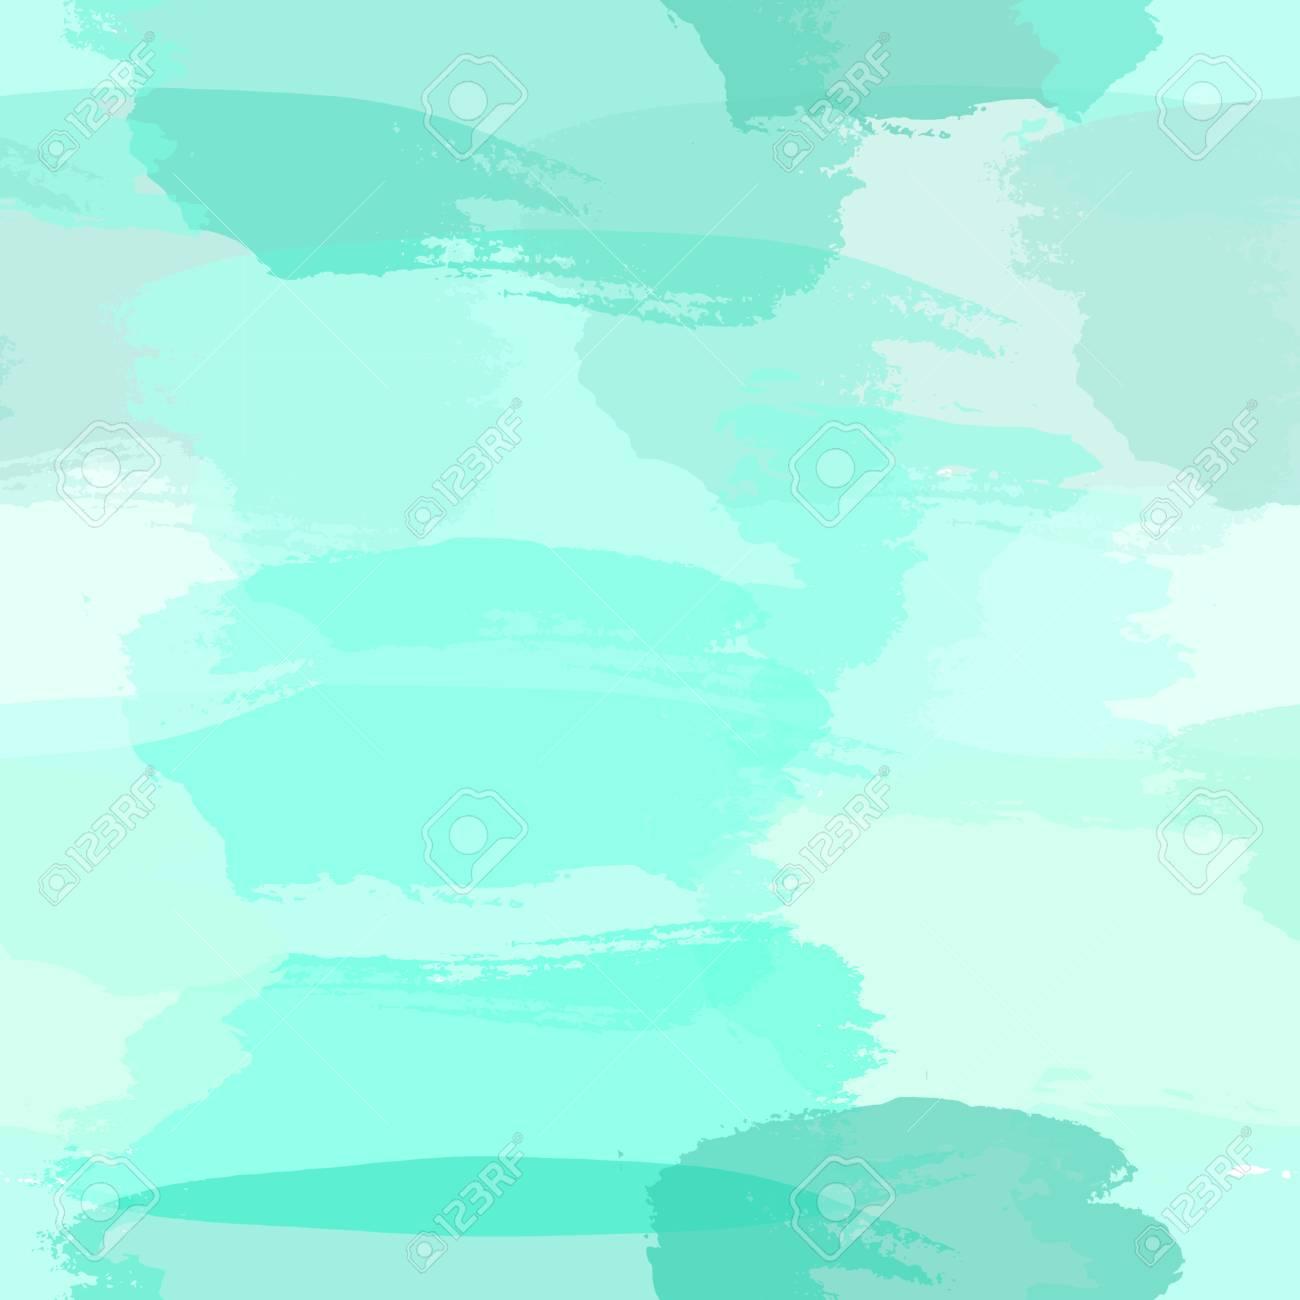 Modello Astratto Senza Soluzione Di Continuità Con Pennellate Trasparenti In Azzurro Verde Turchese E Verde Acqua Blu Imitando La Pittura Ad